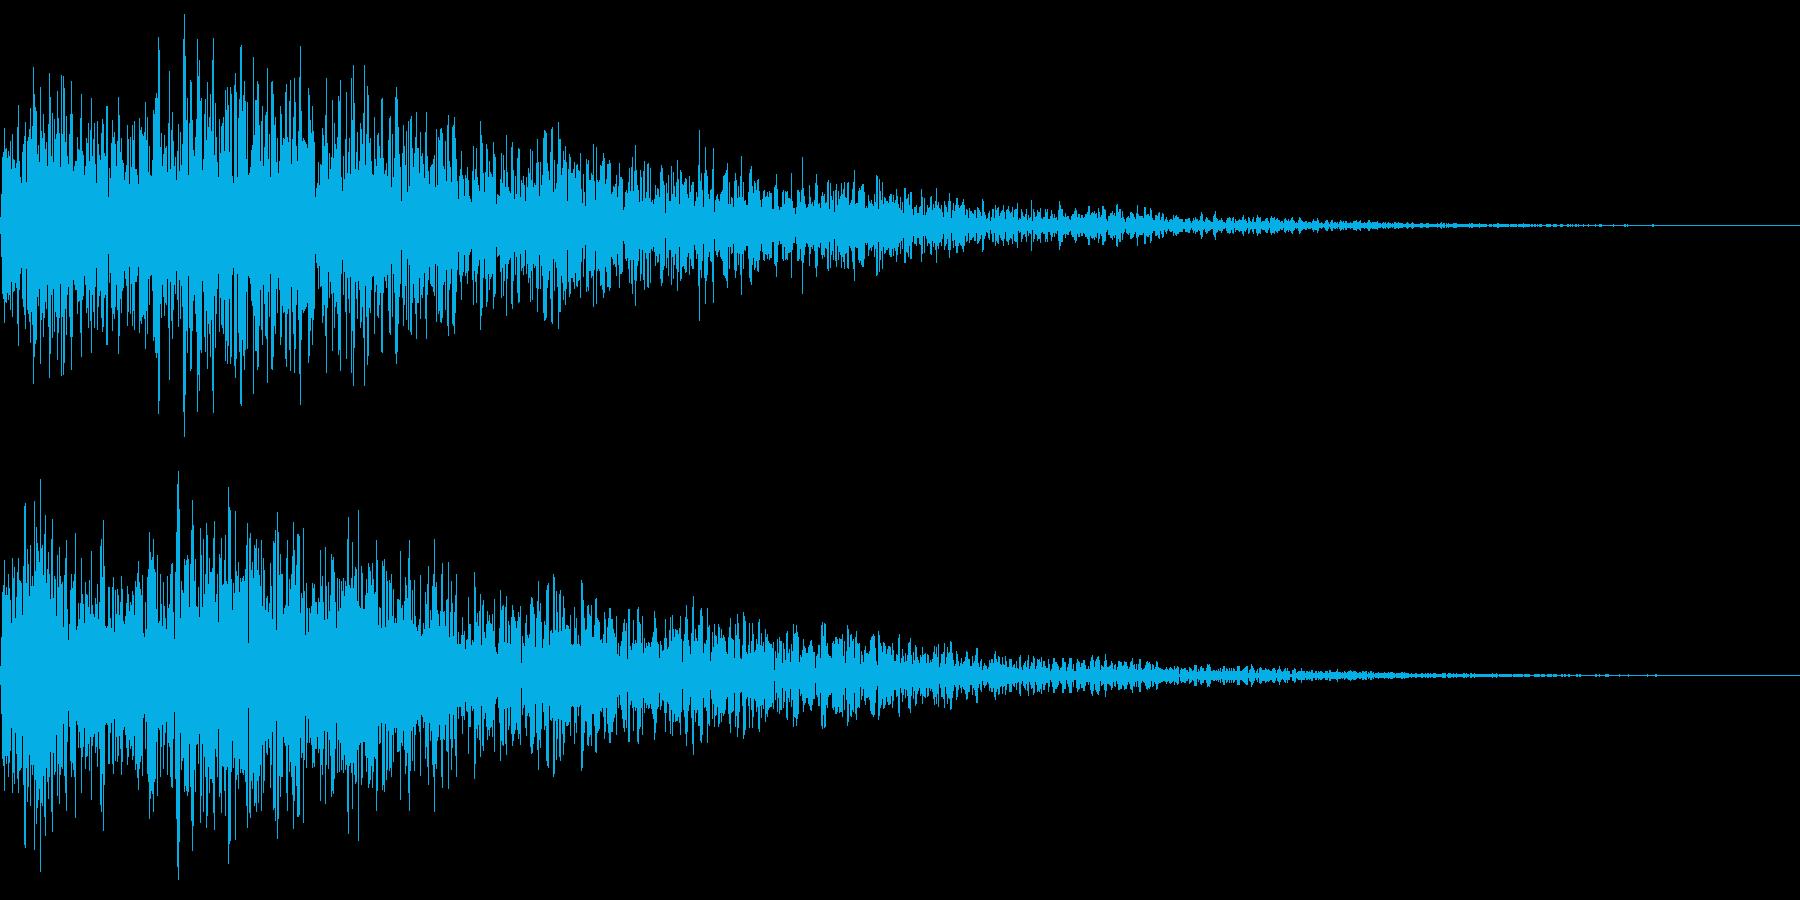 映像の頭などに使われる印象付け効果音の再生済みの波形